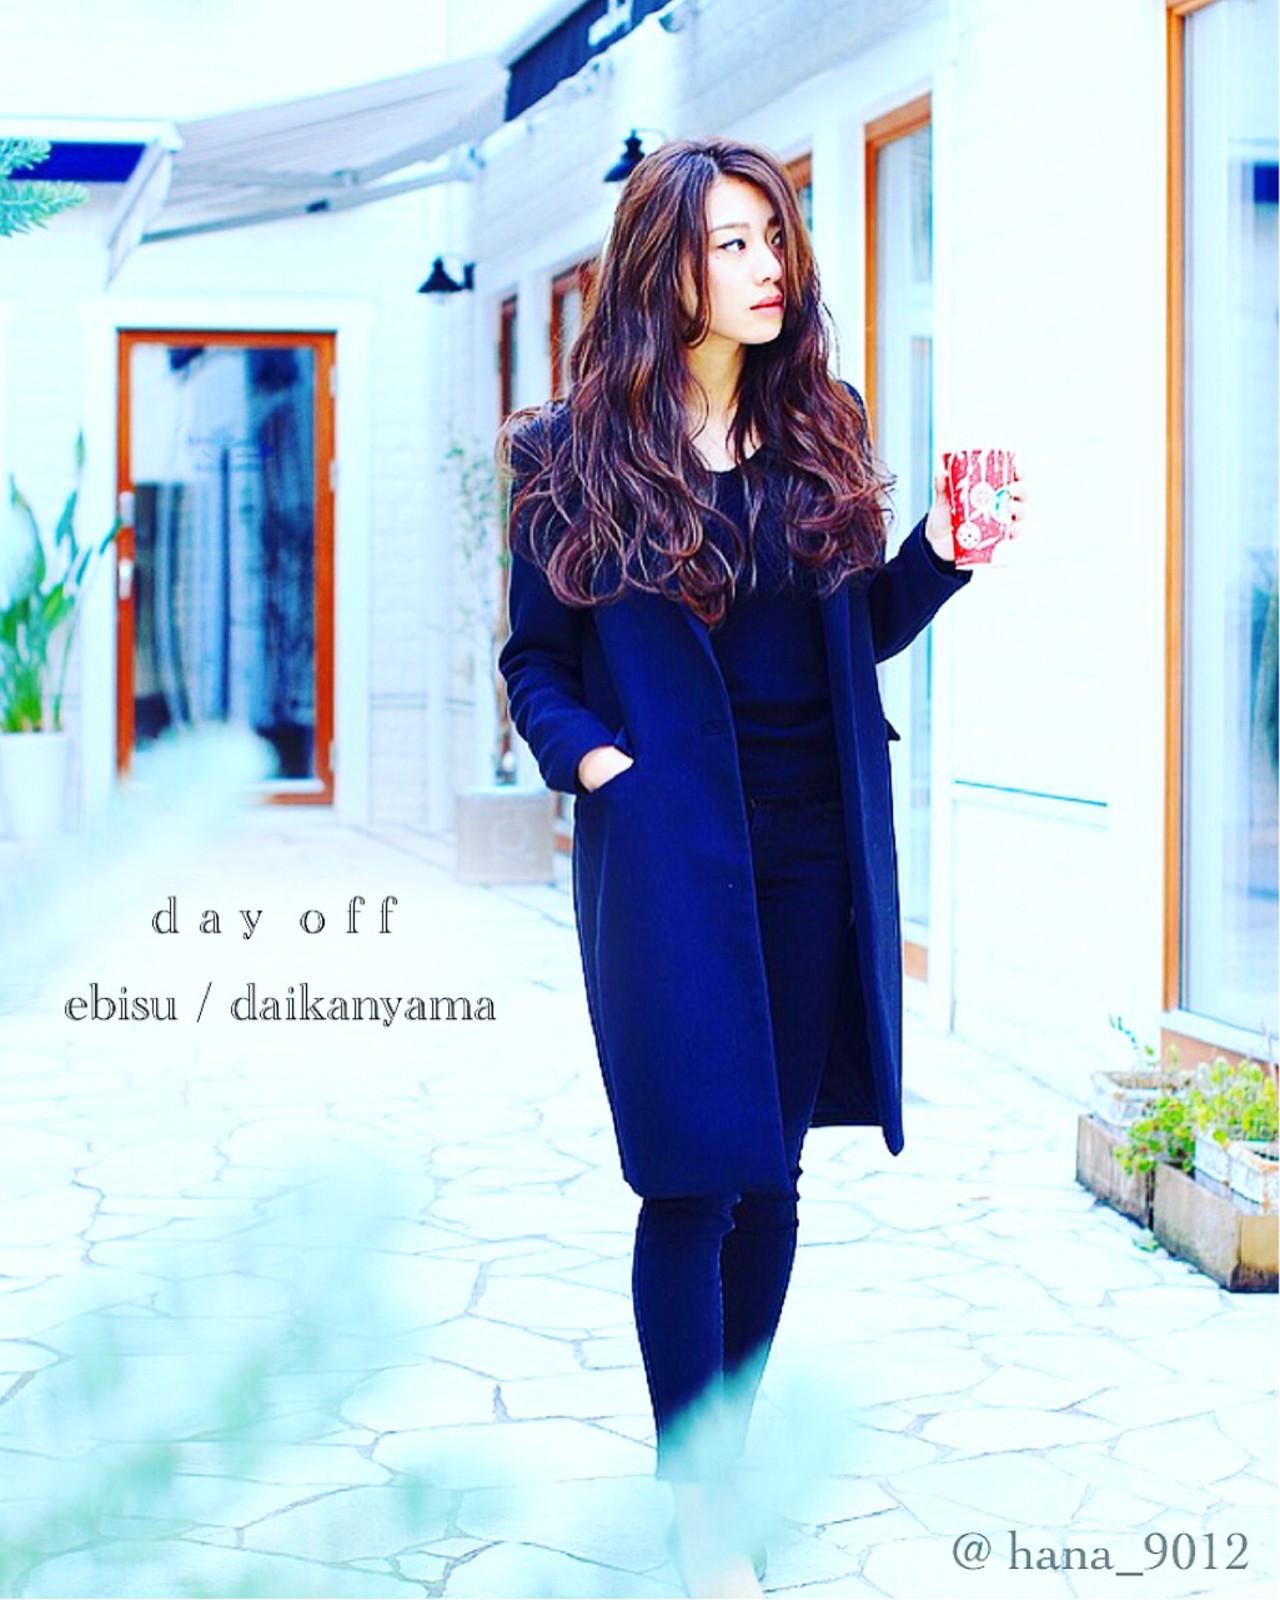 ヘアアレンジ グレージュ アッシュグレージュ 大人女子 ヘアスタイルや髪型の写真・画像 | 美容師HIRO/Amoute代表 / Amoute/アムティ